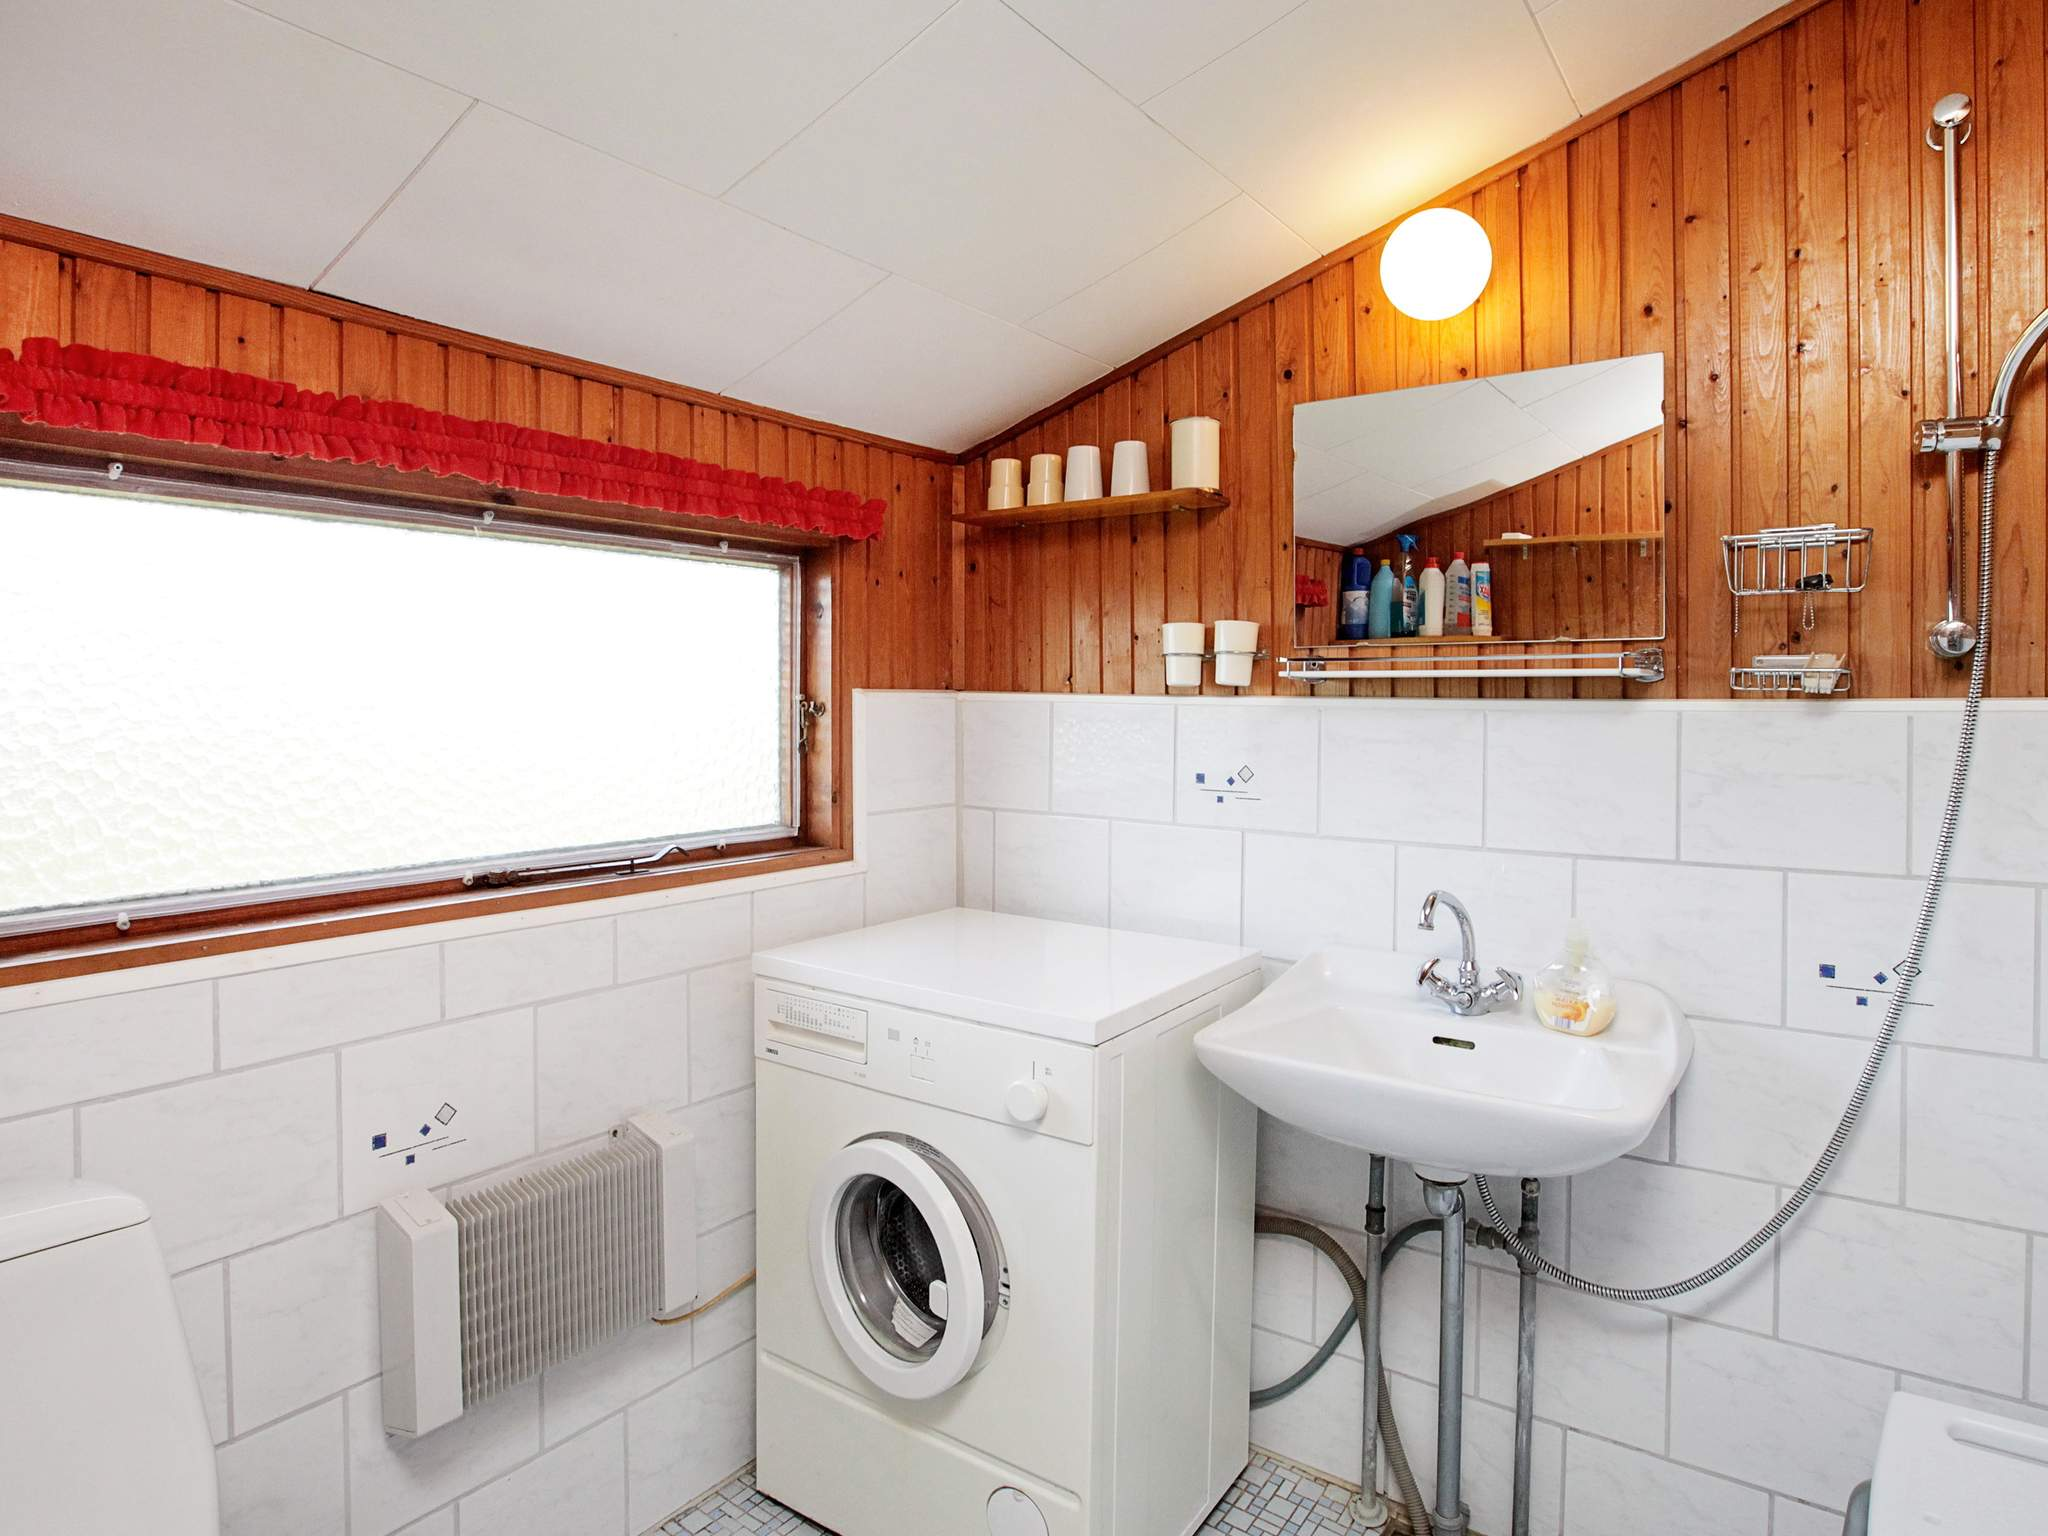 Ferienhaus Grønhøj Strand (89082), Løkken, , Dänische Nordsee, Dänemark, Bild 12